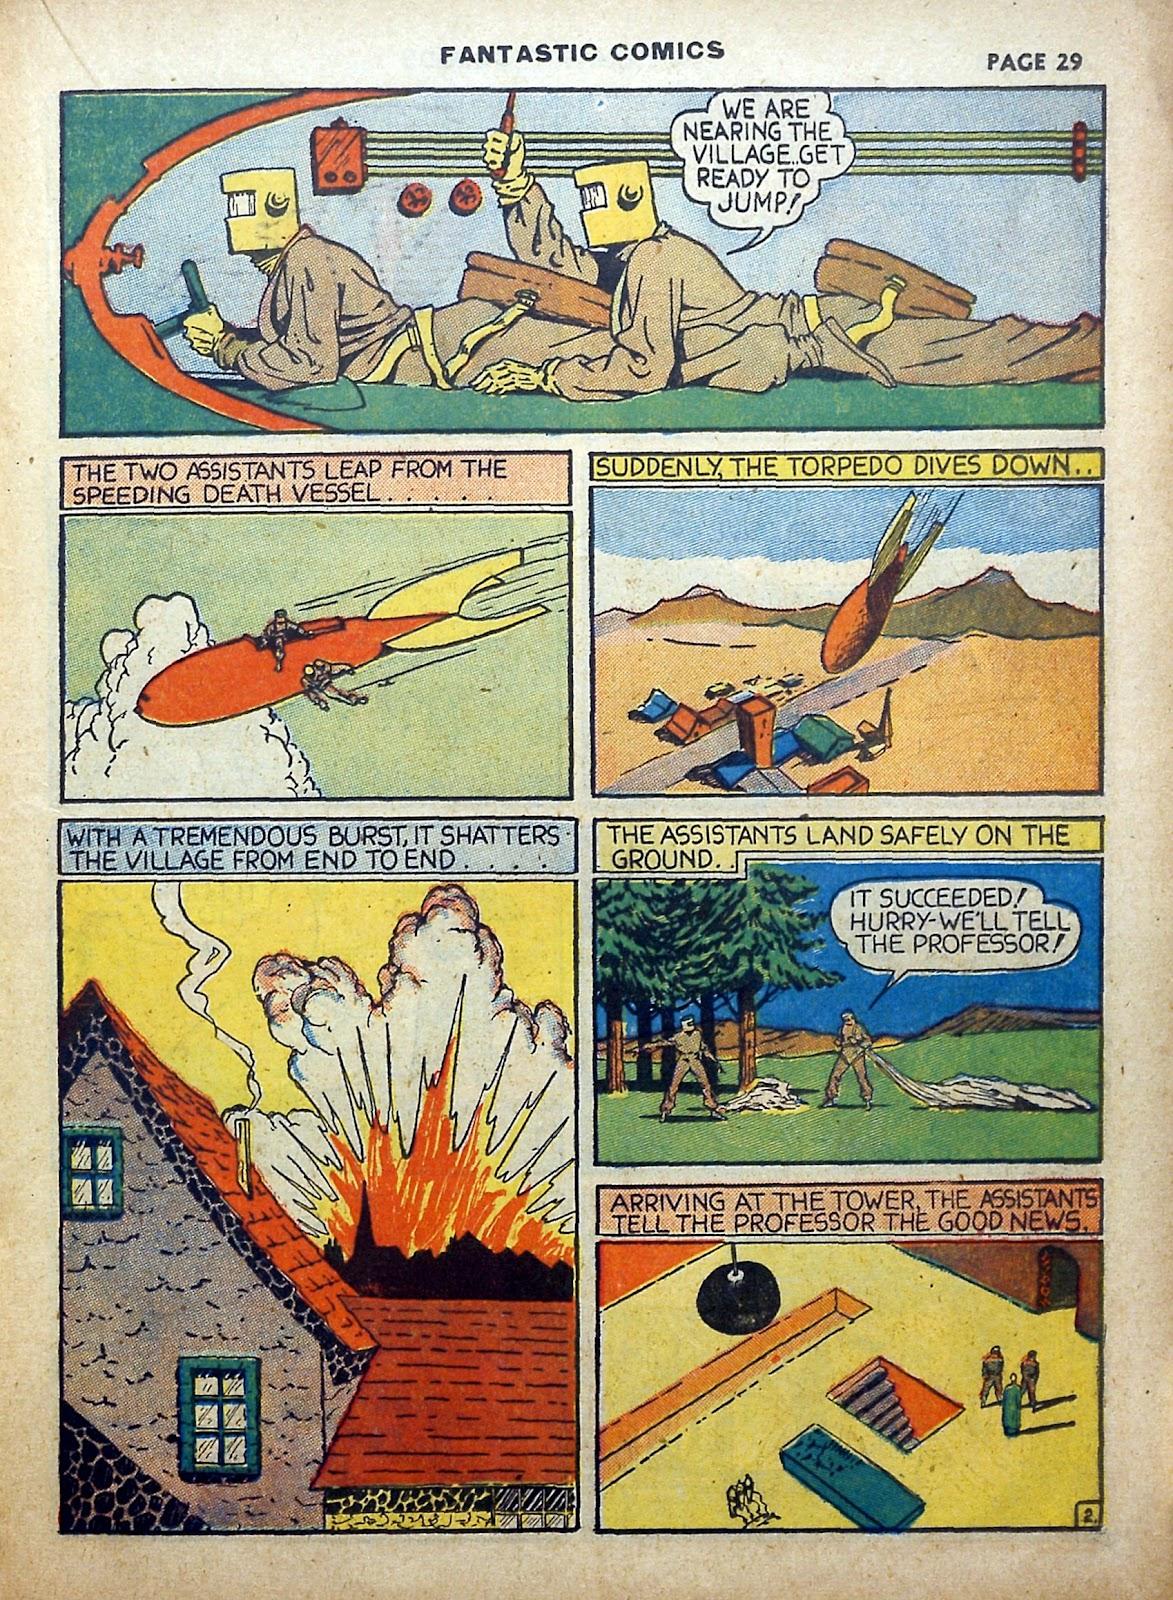 Read online Fantastic Comics comic -  Issue #5 - 30